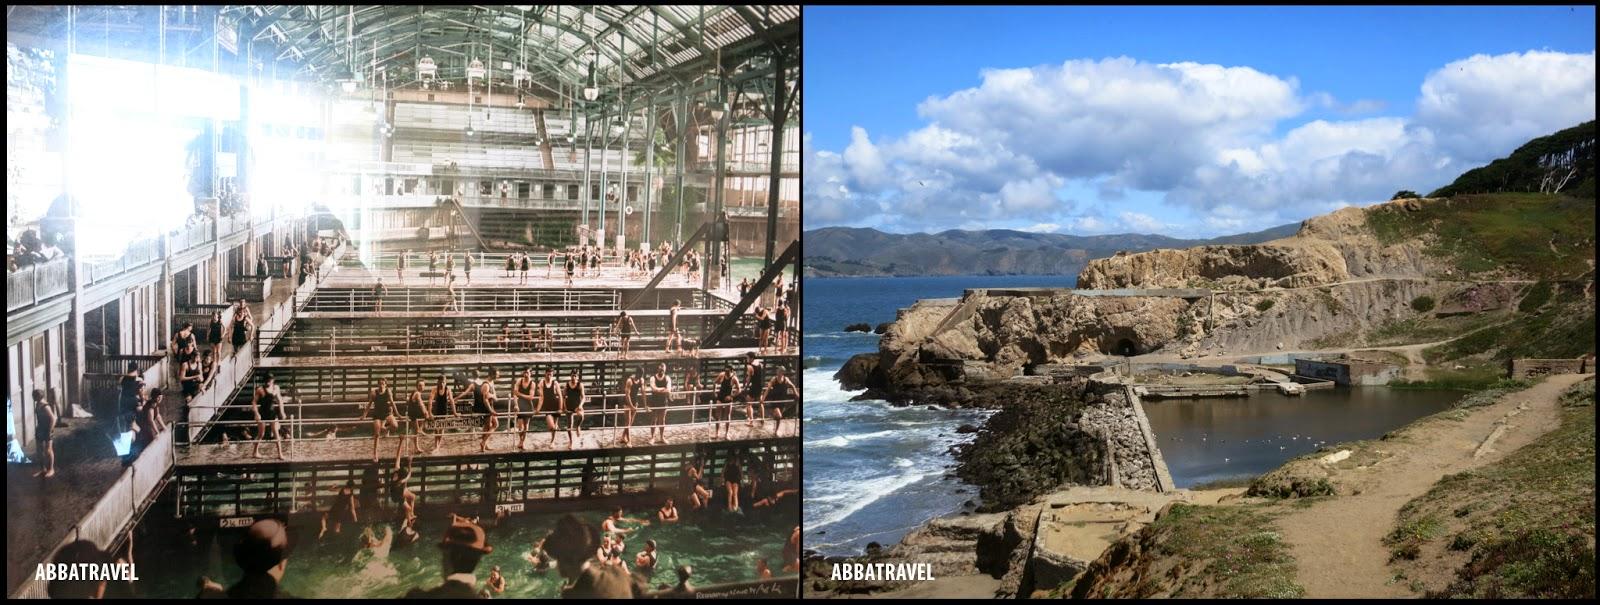 Abbatravel San Francisco To Do 06may2014 Single Day